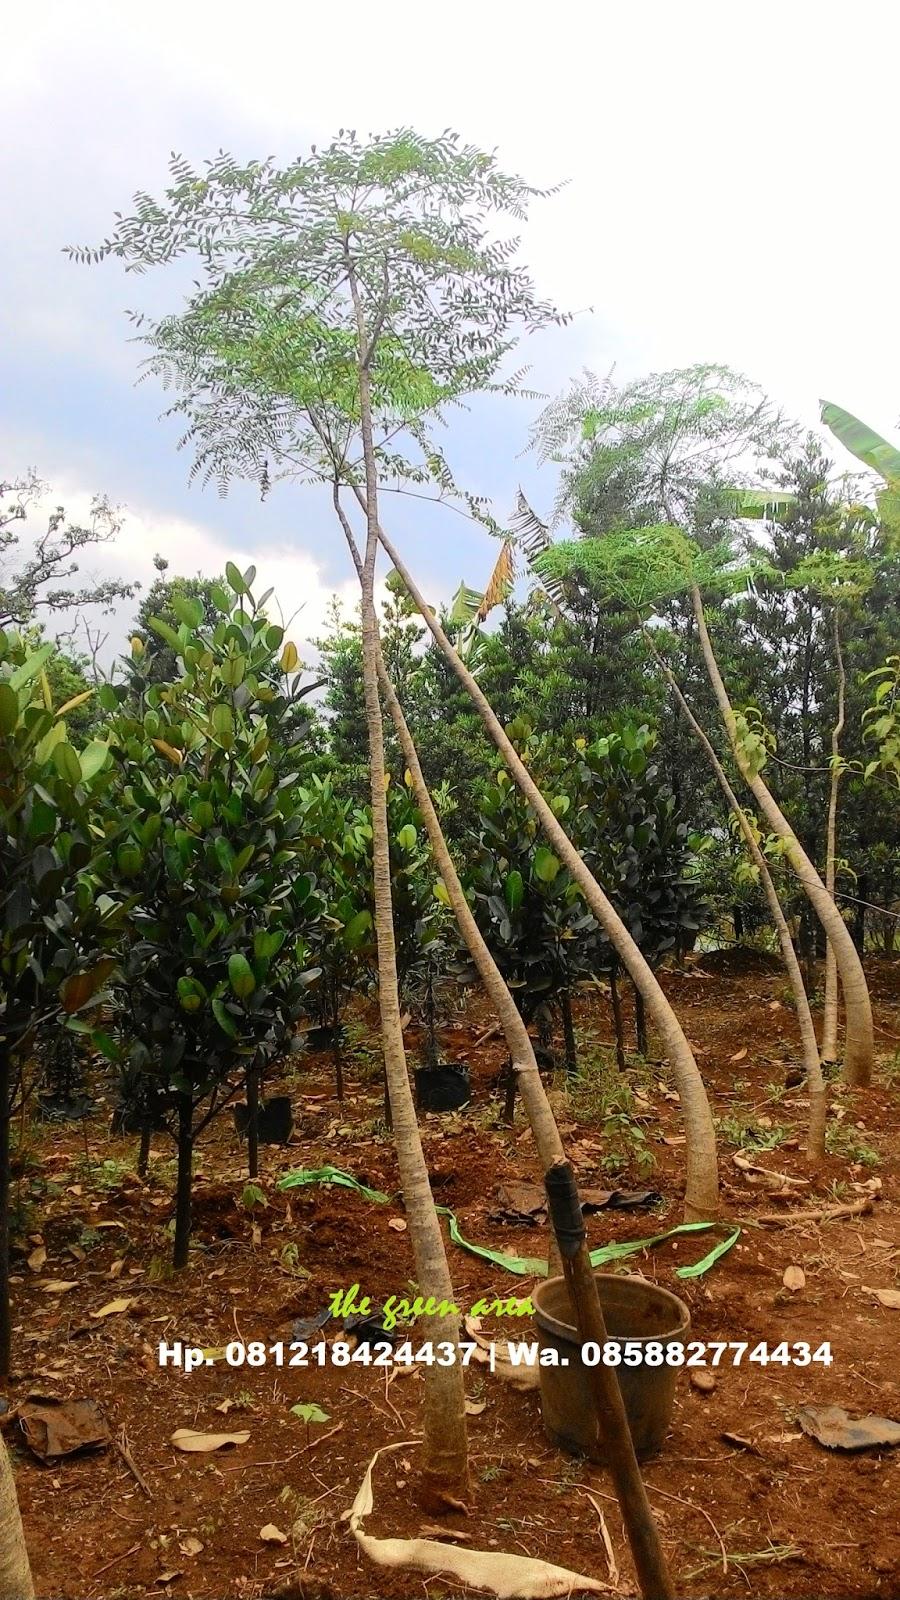 Tukang Taman Murah : kelor afrika | tukang taman,tanaman ...